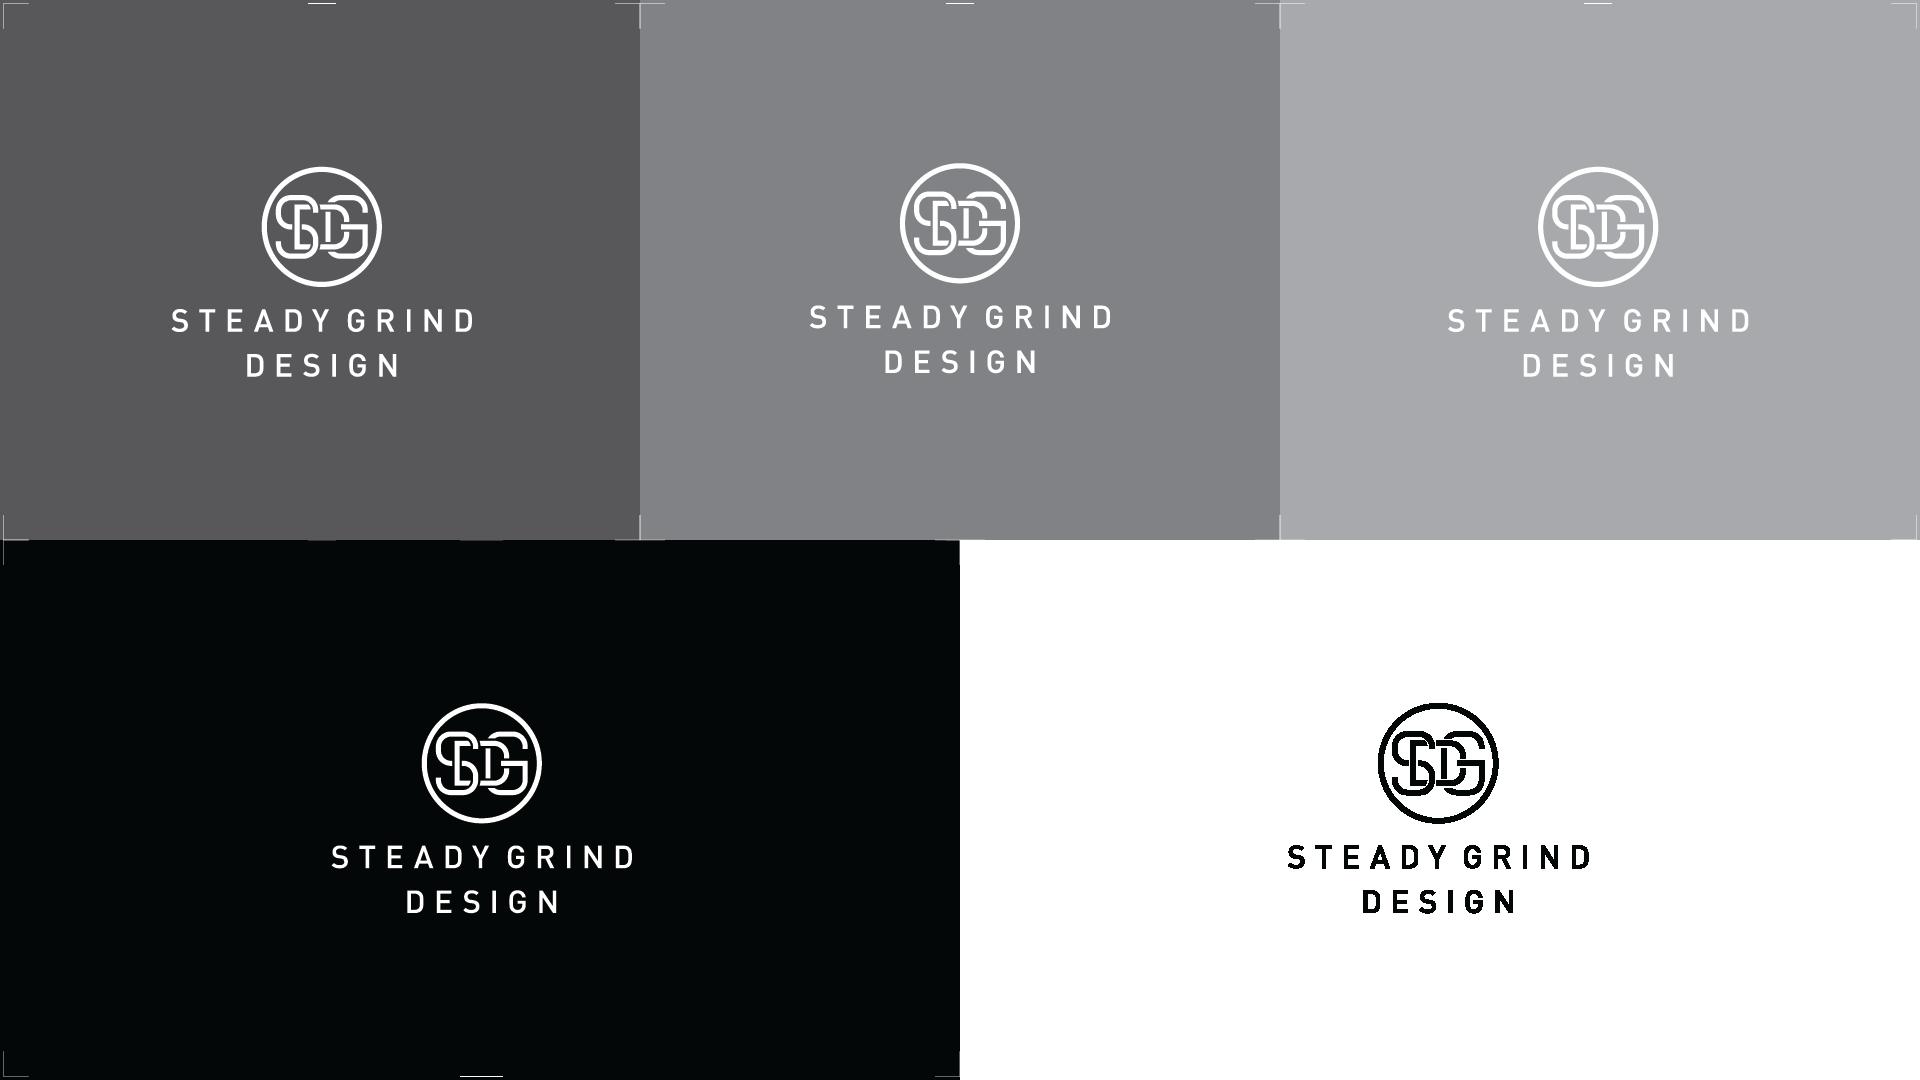 Embarklife_SGD_Logo_Concepts_03-11-2019-01.png